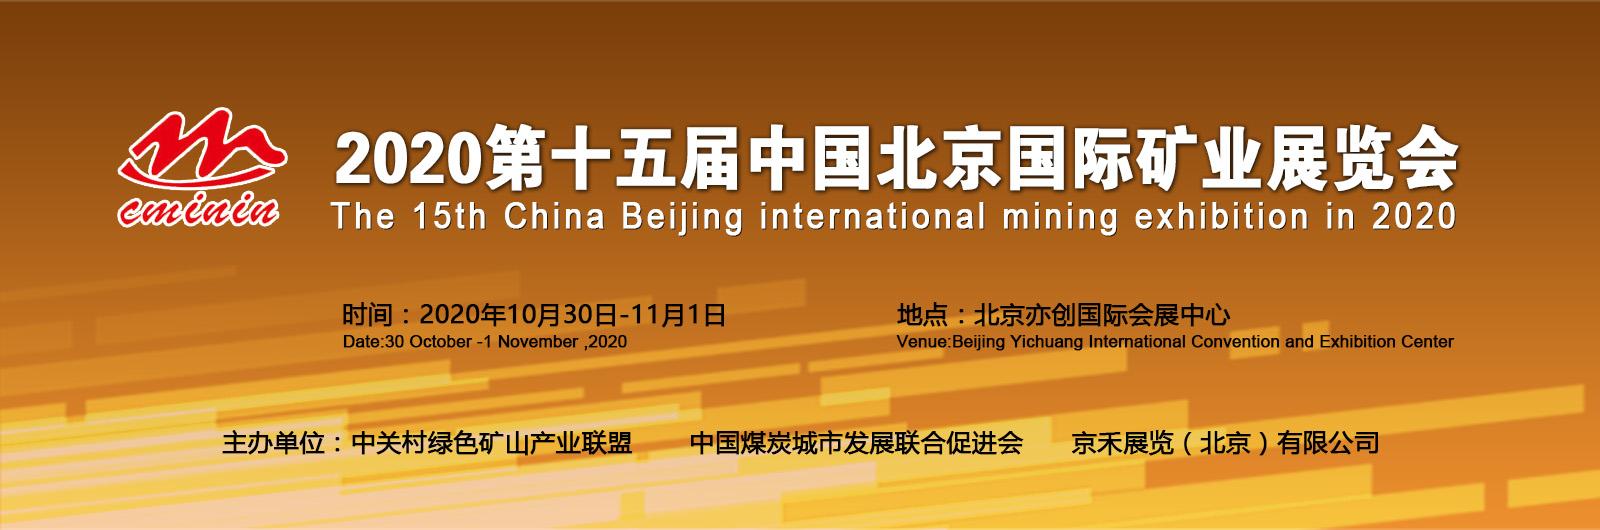 第十五届中国北京国际矿业展览会